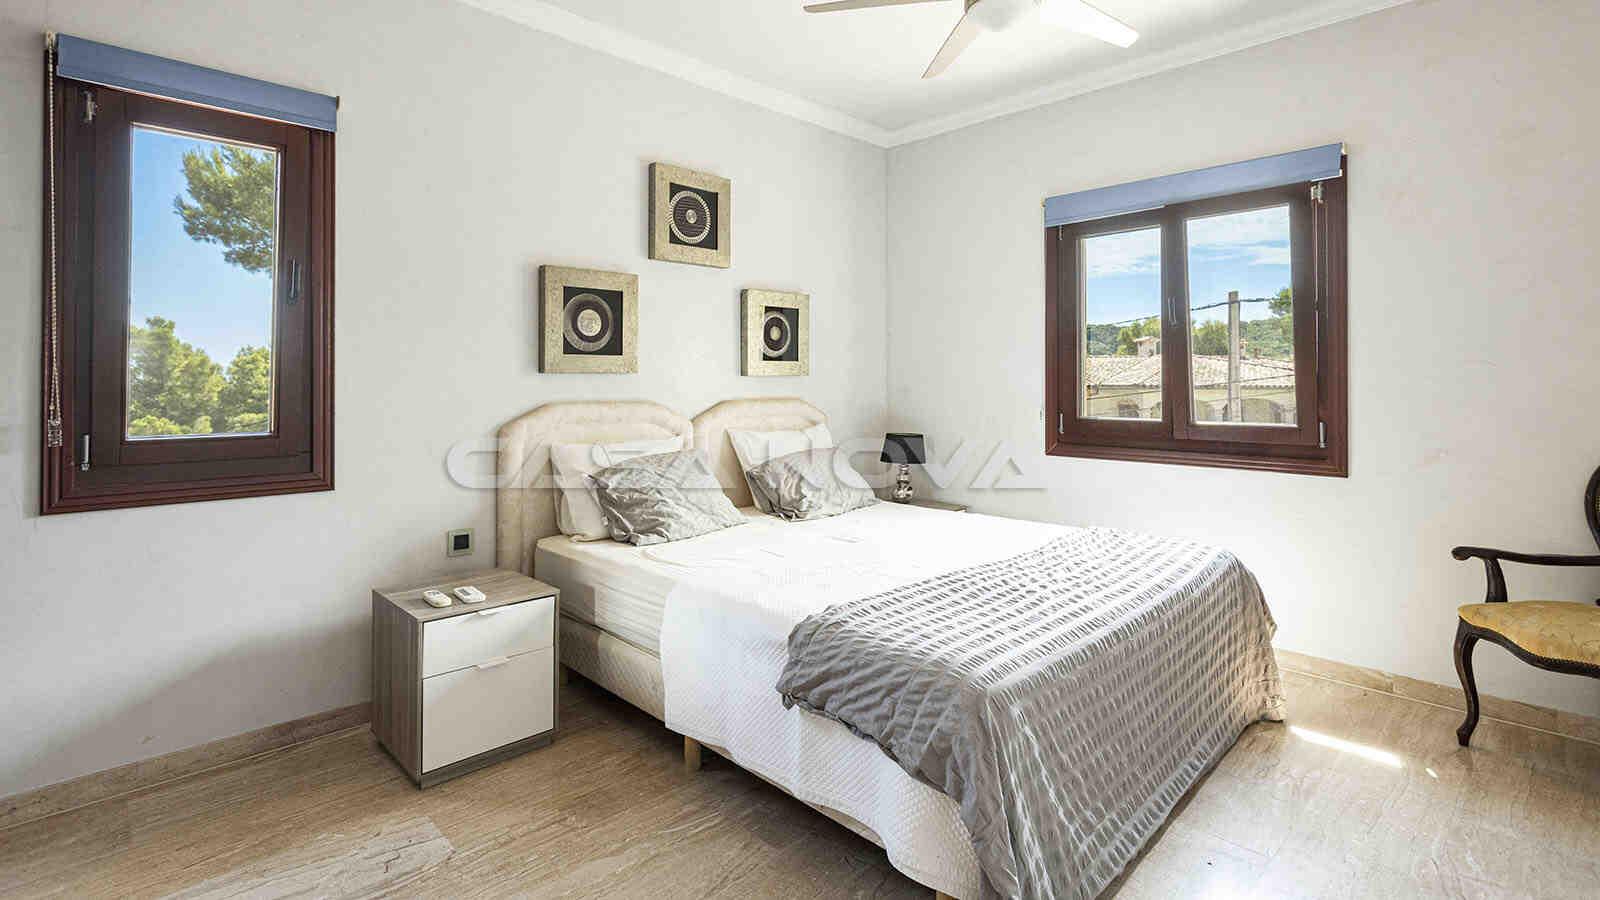 Drittes Doppelschlafzimmer mit Blick in die Umgebung